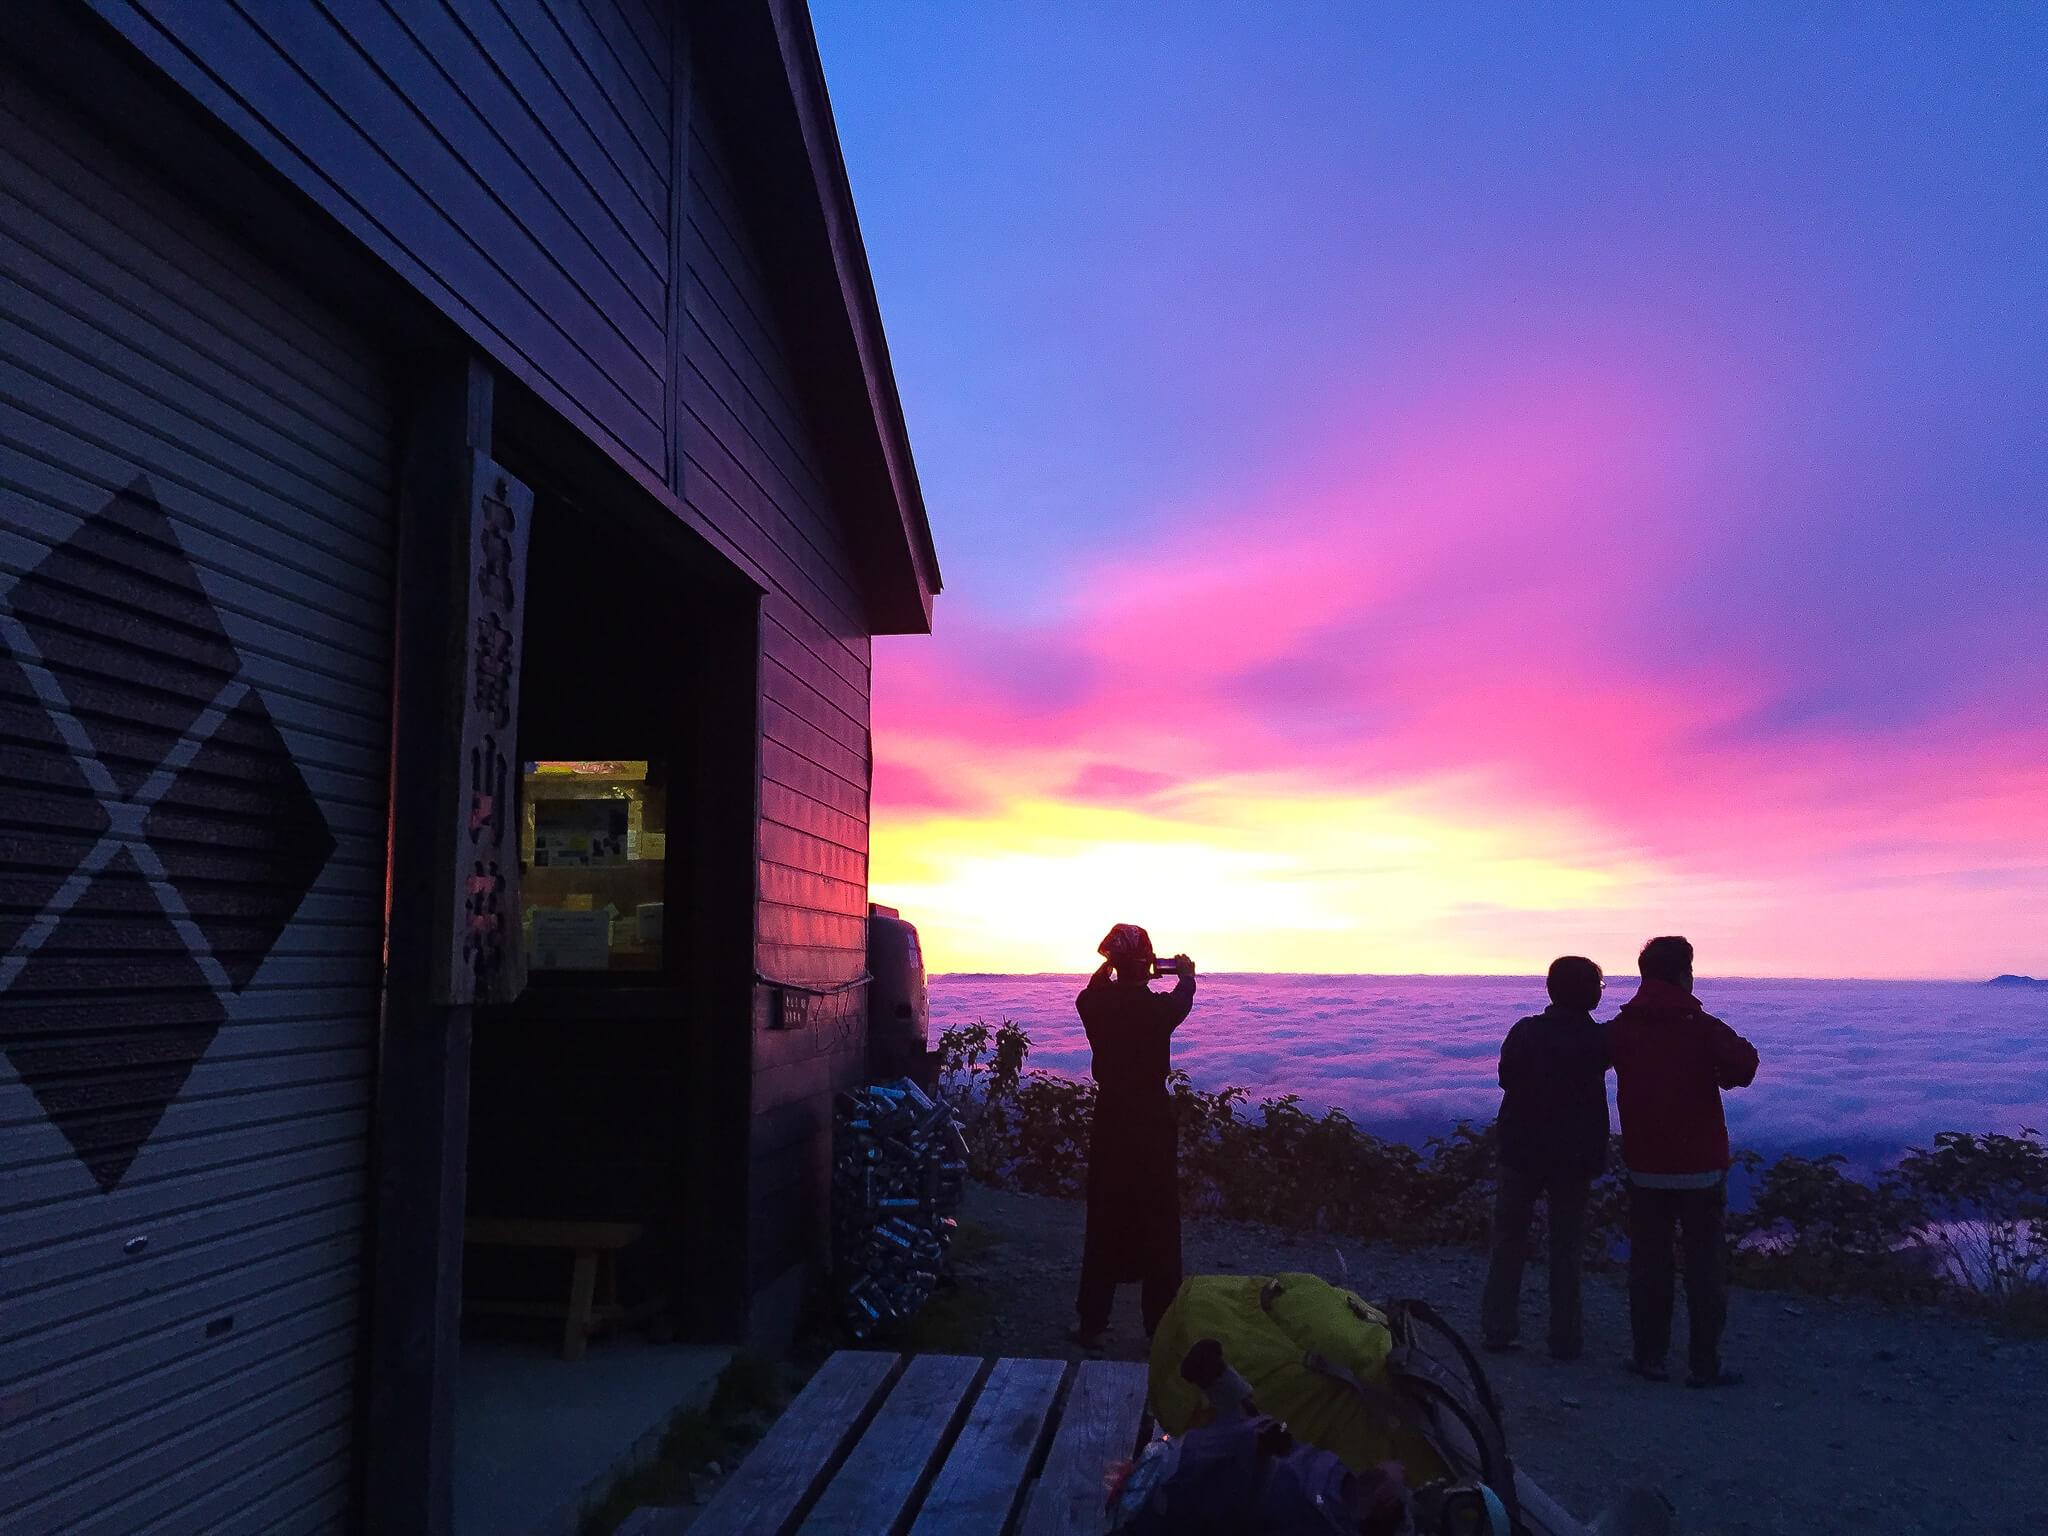 五竜岳・五竜山荘で日の出を待つ3